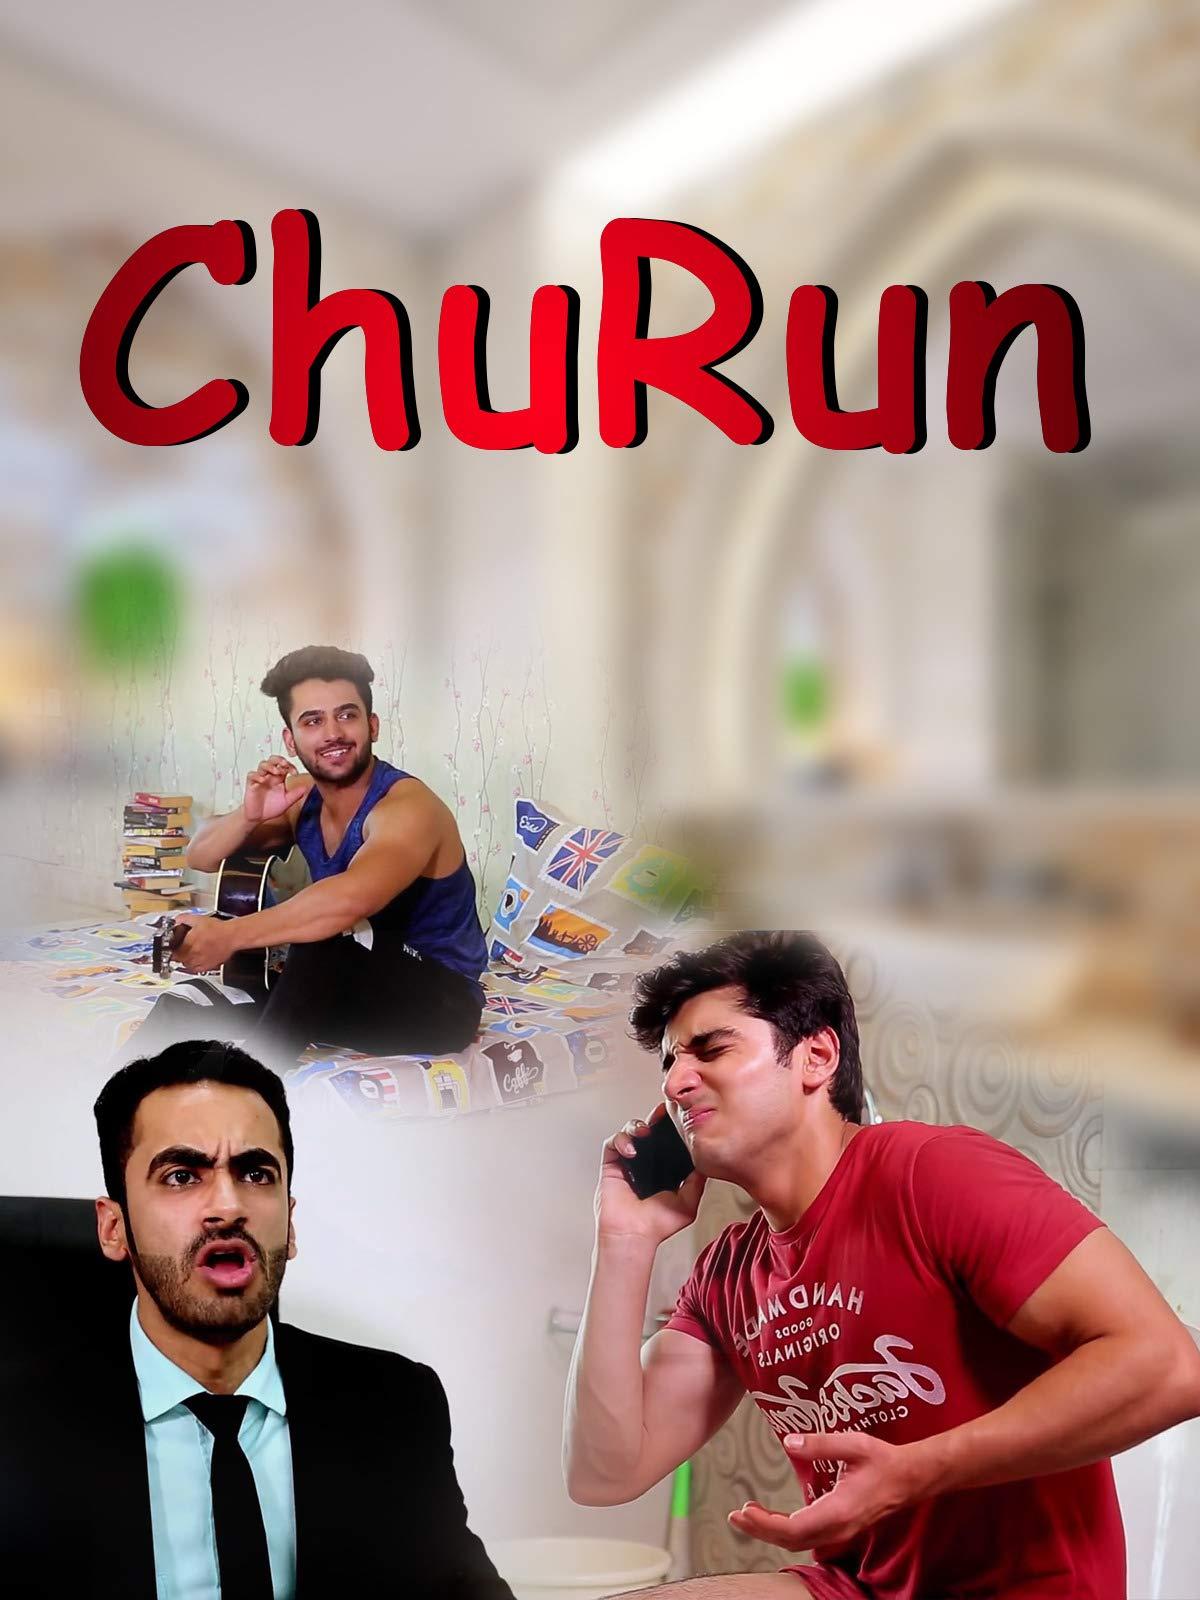 ChuRun